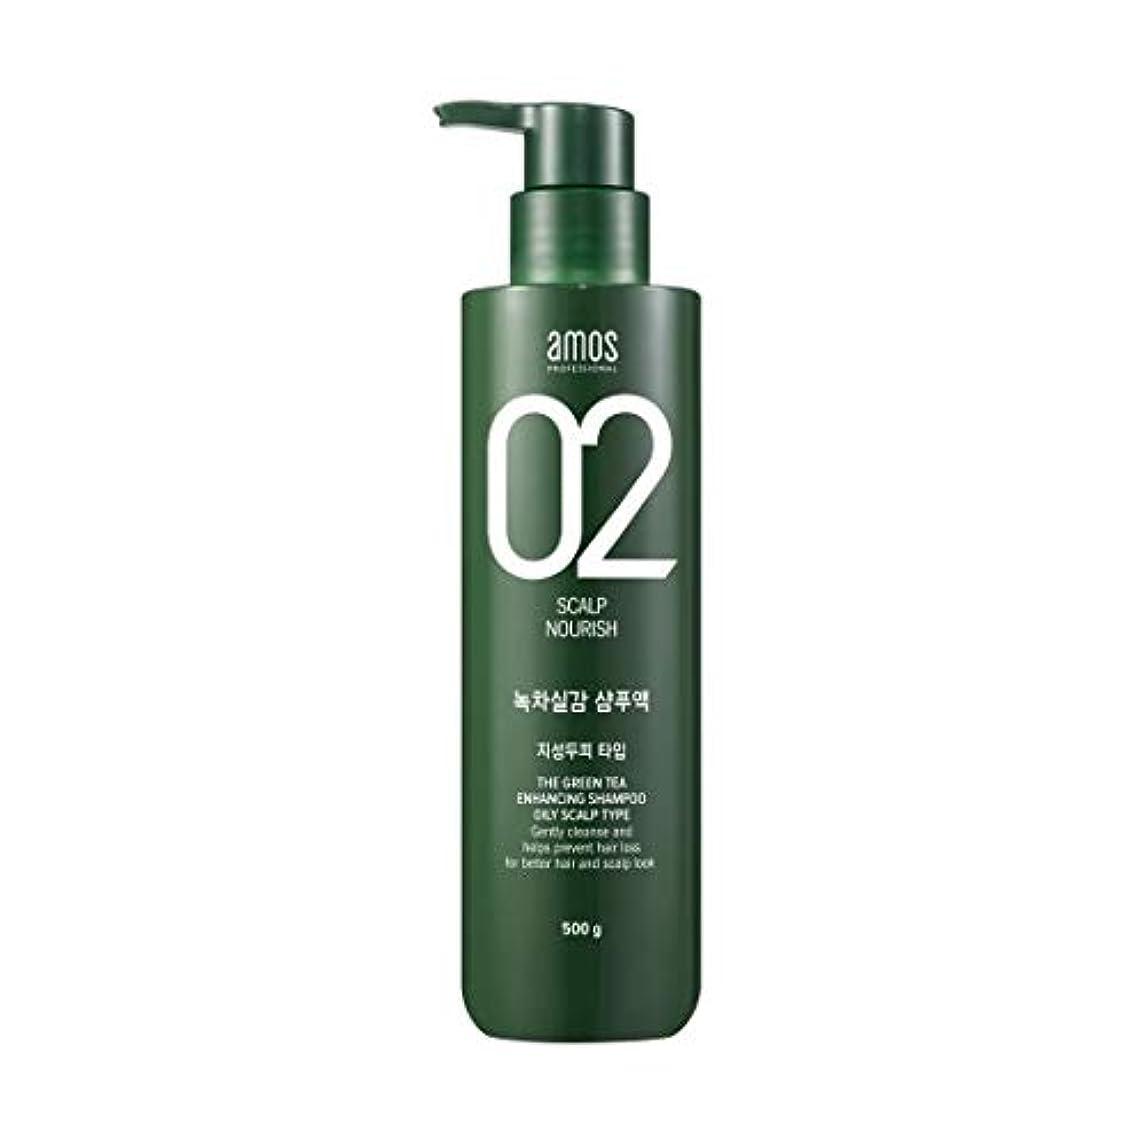 ハイランドサーマルおなじみのAmos Green Tea Enhancing Shampoo -Oily 500g / アモス ザ グリーンティー エンハンシング シャンプー # 脂性 オイリー スカルプタイプ [並行輸入品]